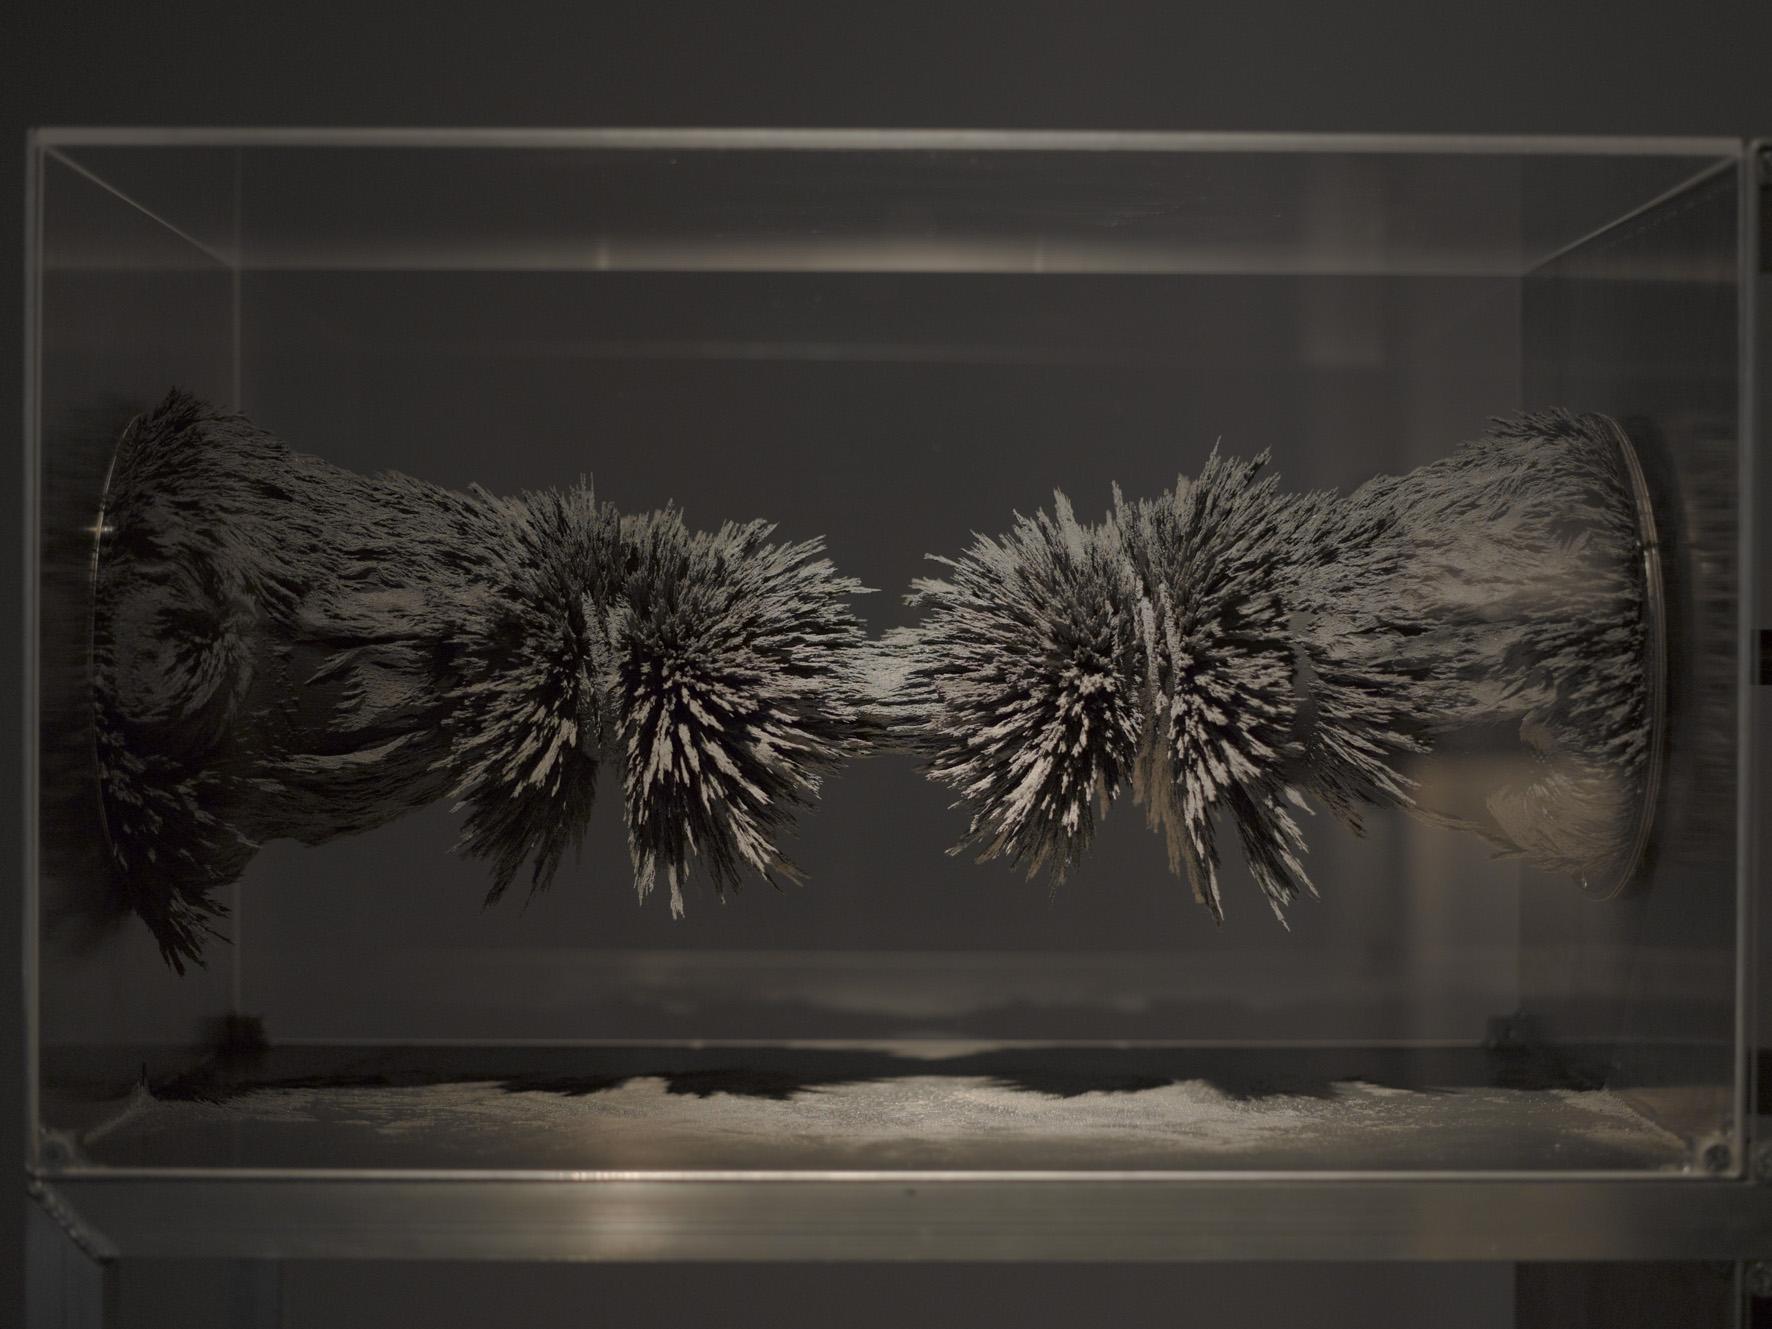 Resonarium, 2011